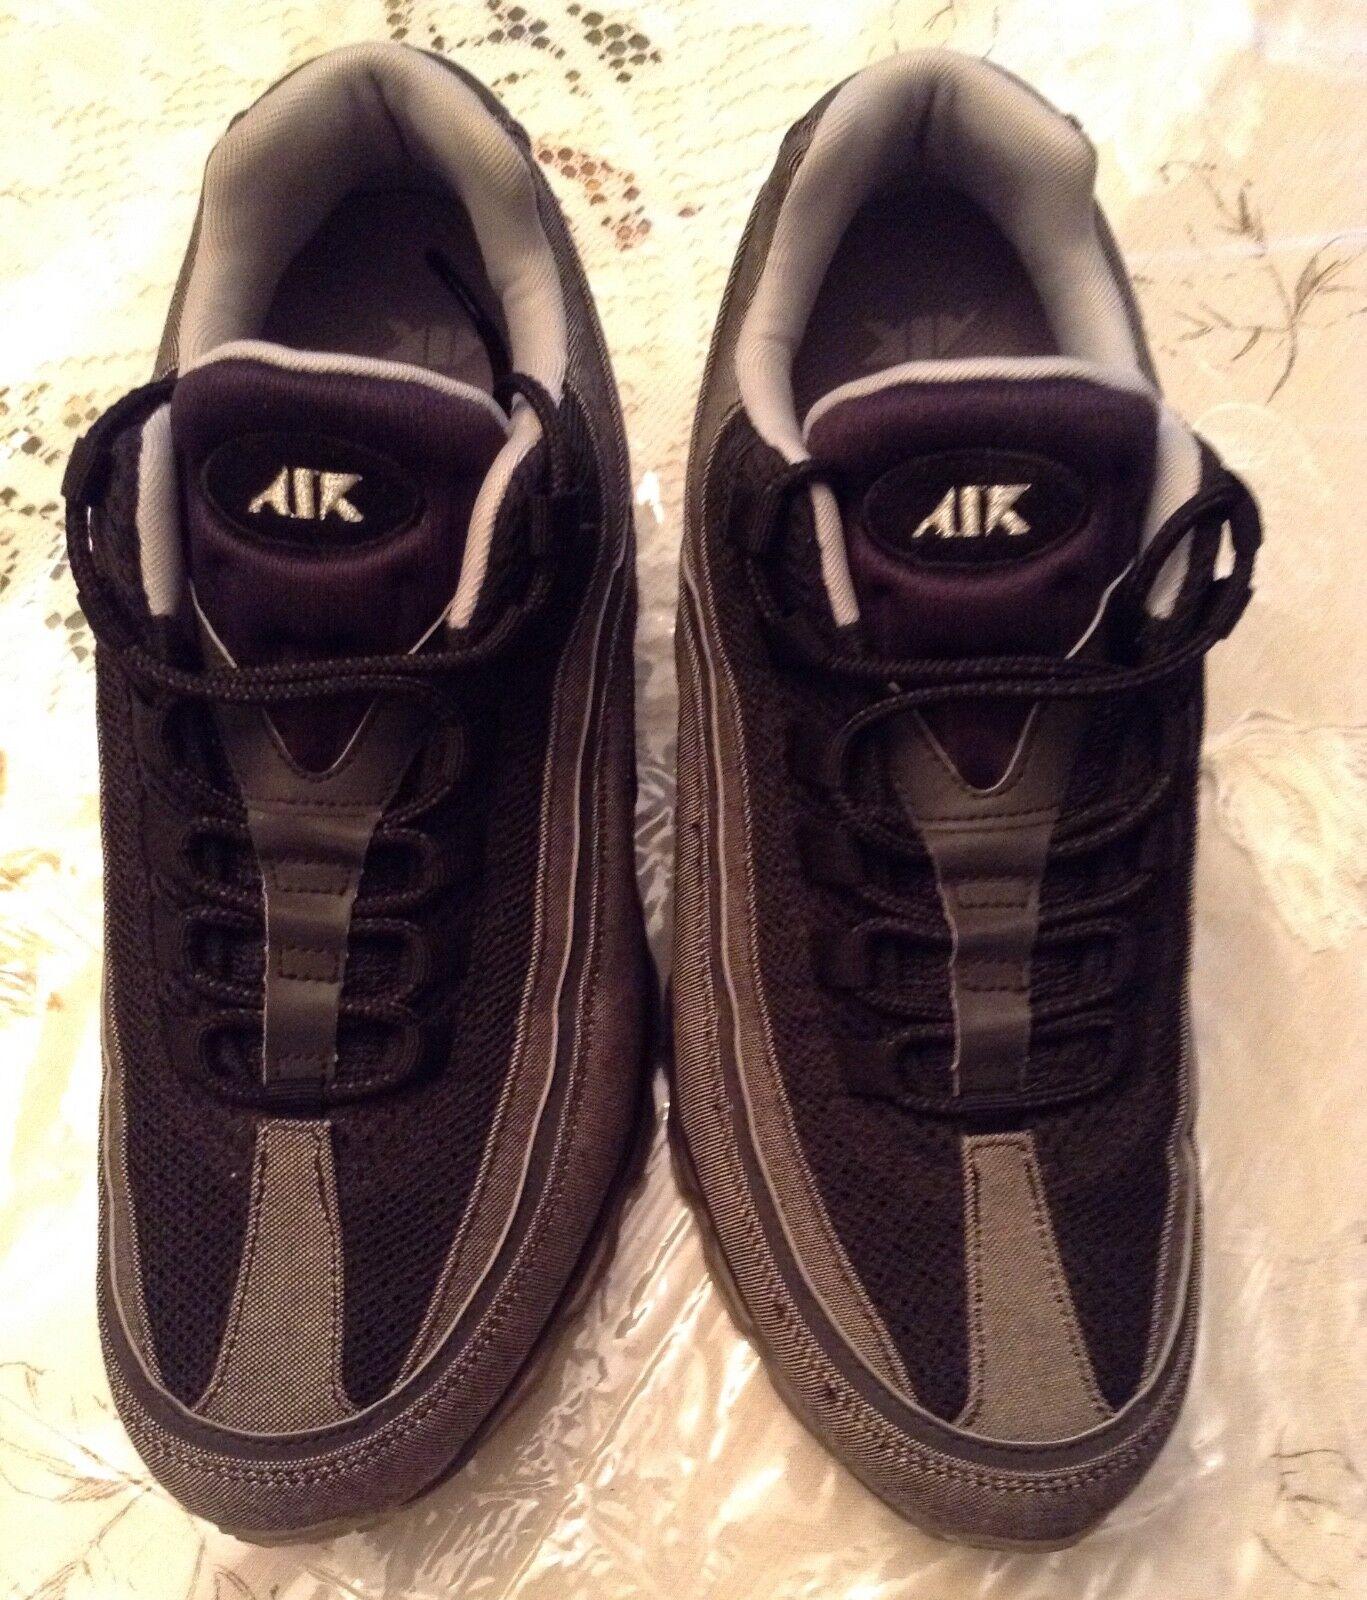 Air Max 24 7 Negro metalico plata denim zapatillas casual 10,5 hombres salvajes 10,5 casual 39c249